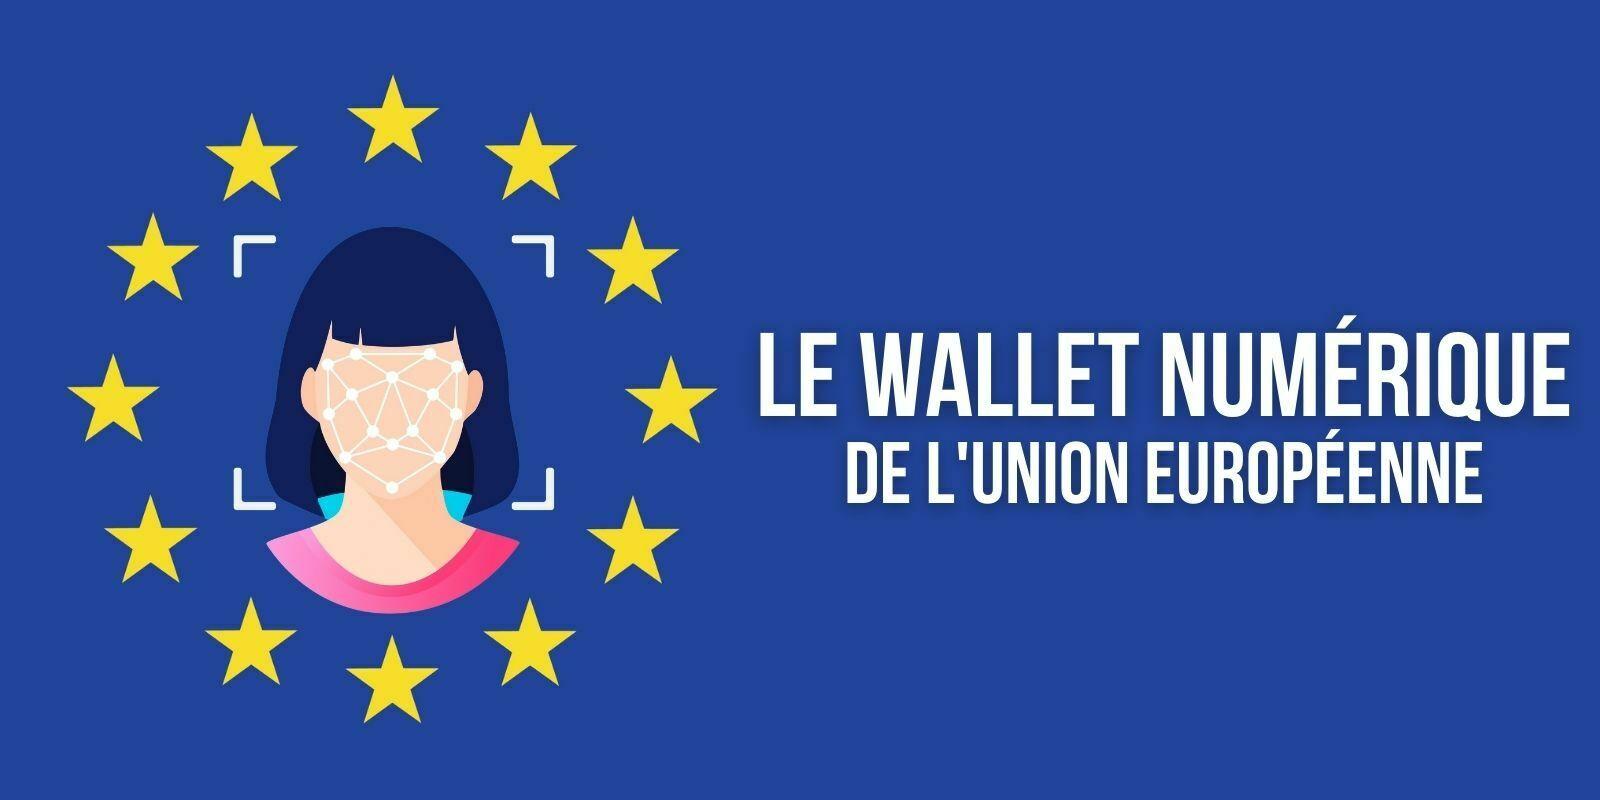 Union européenne: un projet de portefeuille numérique pour prouver l'identité des citoyens